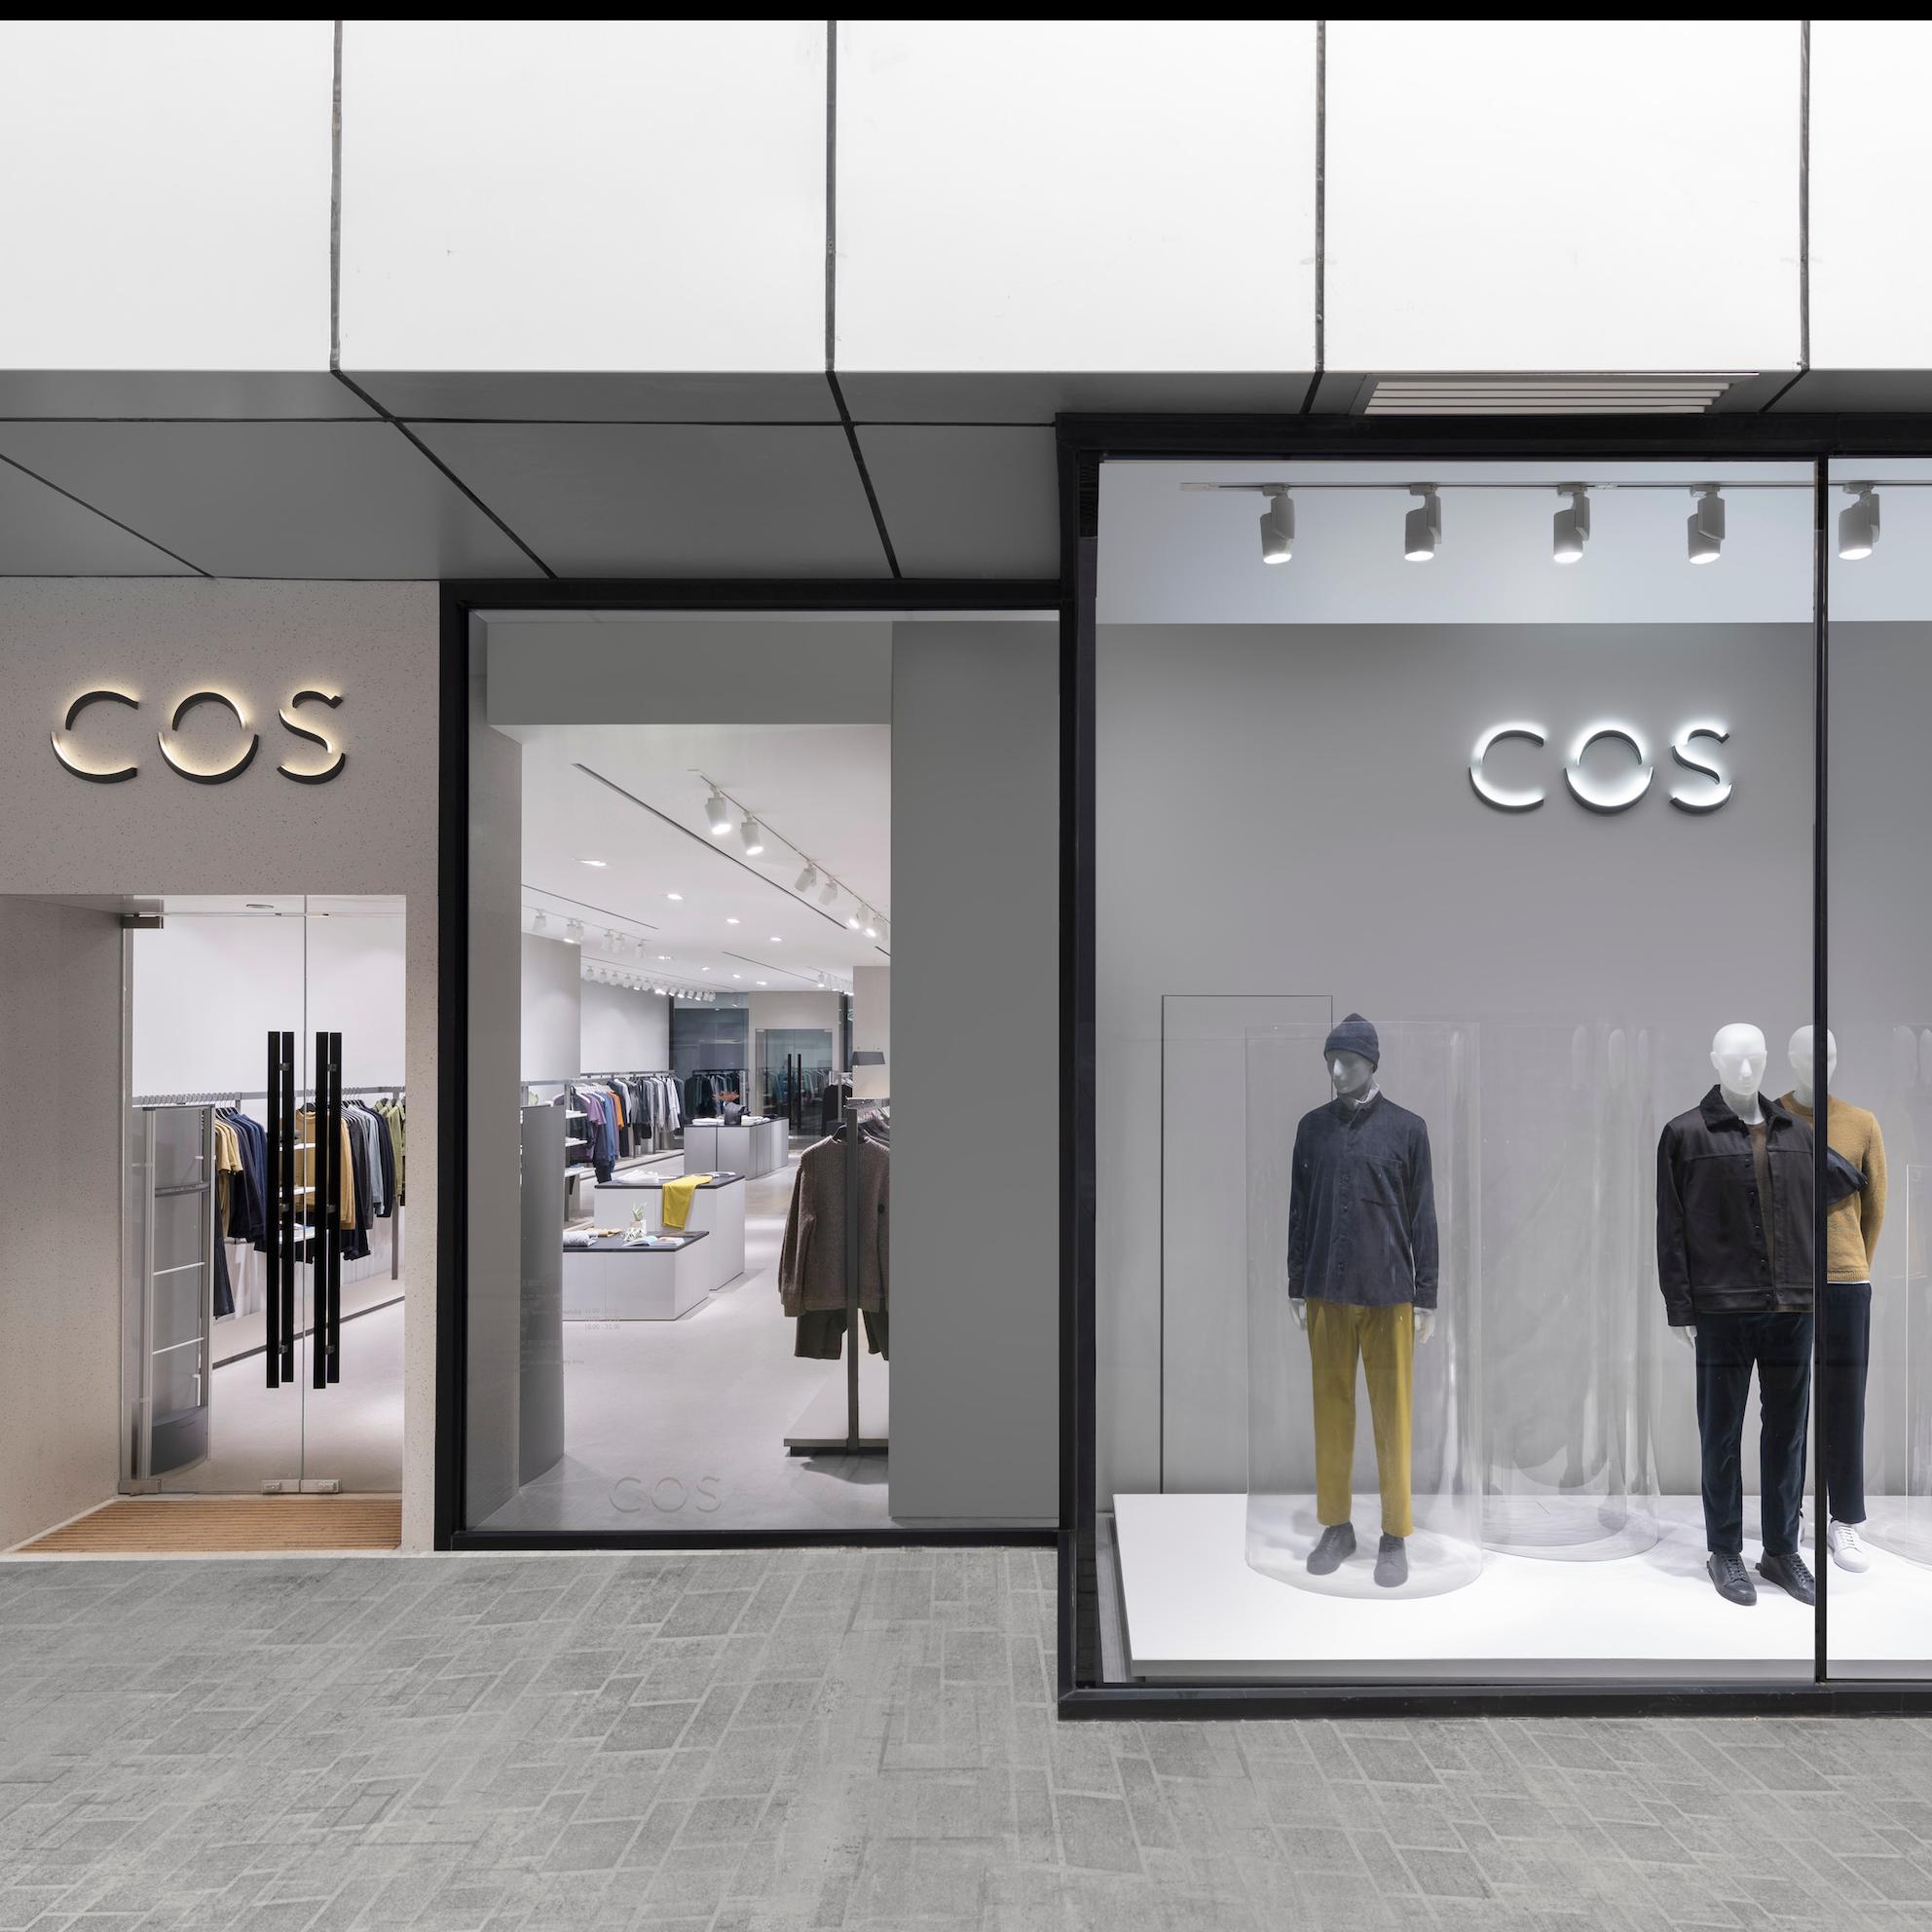 <p>男士又有新時裝據點 COS全球首間男裝專門店</p>